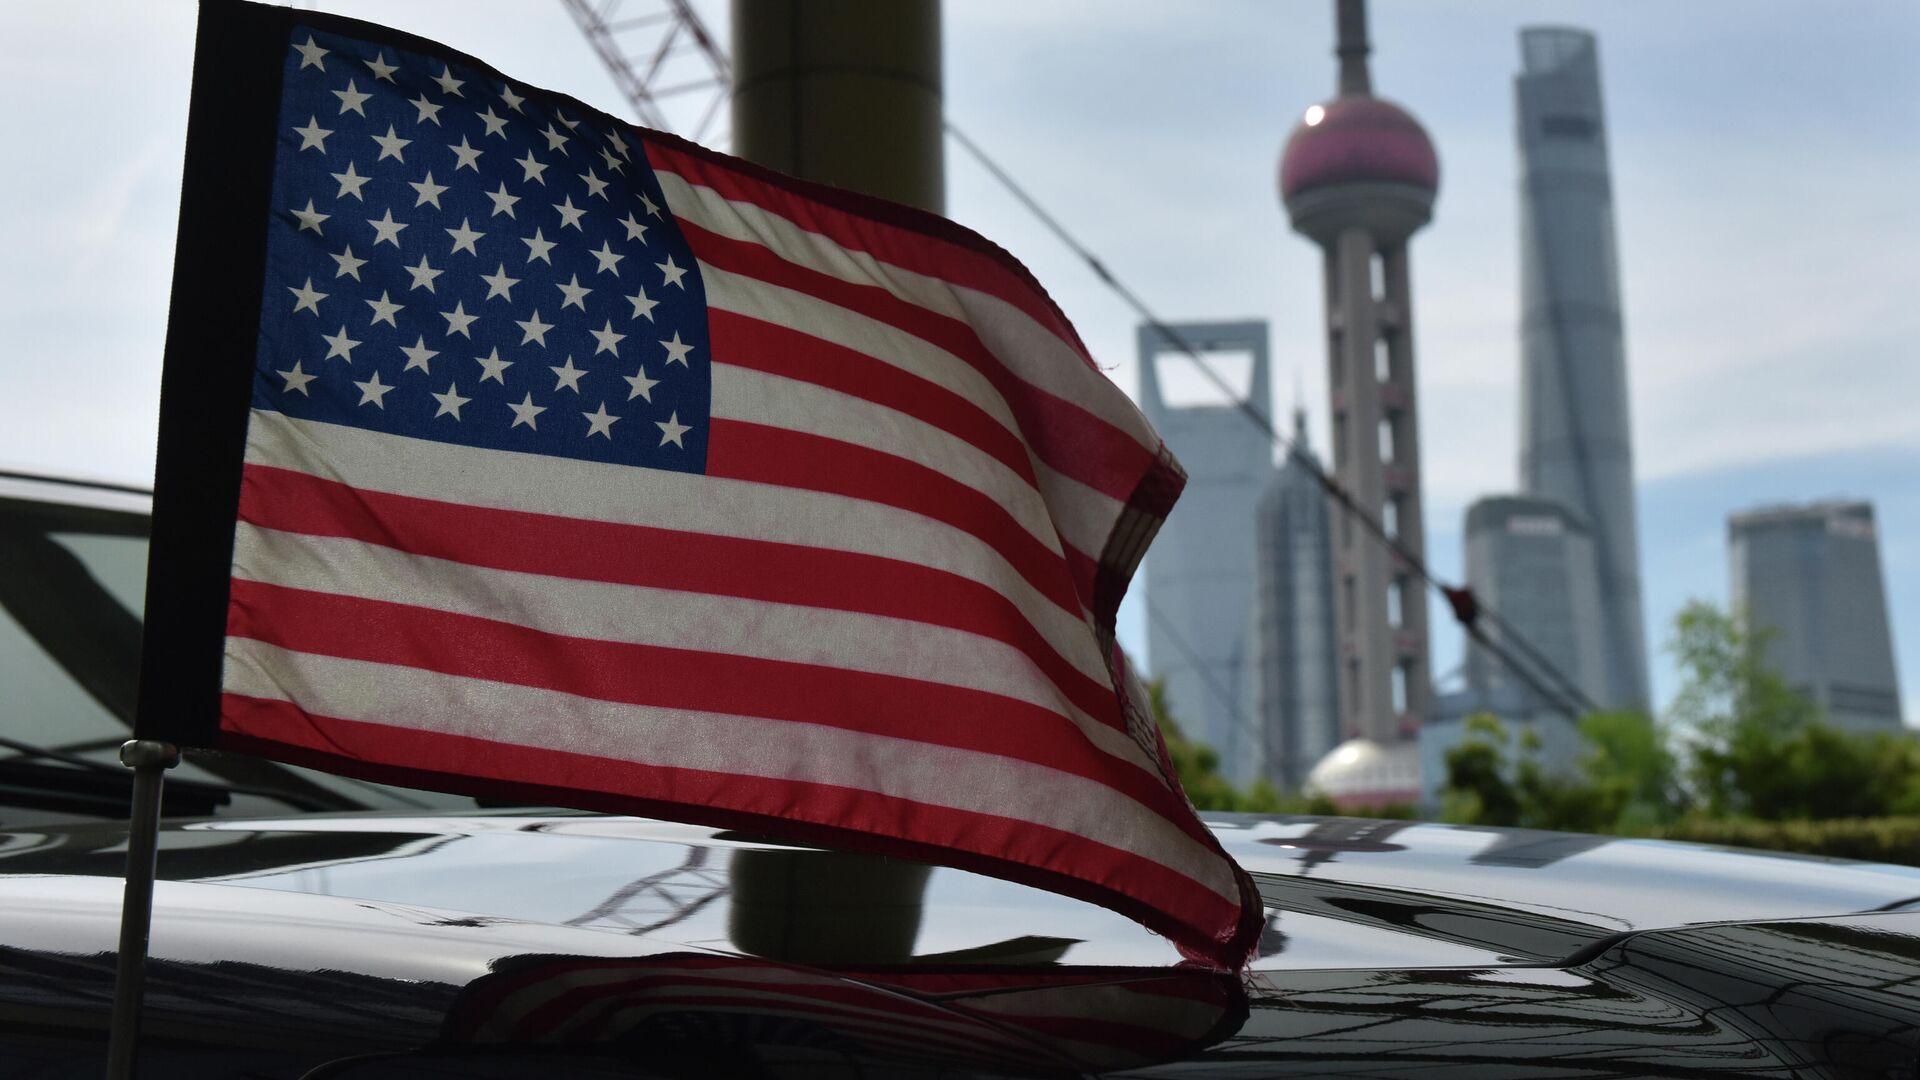 МИД Китайская народная республика : США превратились вглавный источник коронавируса